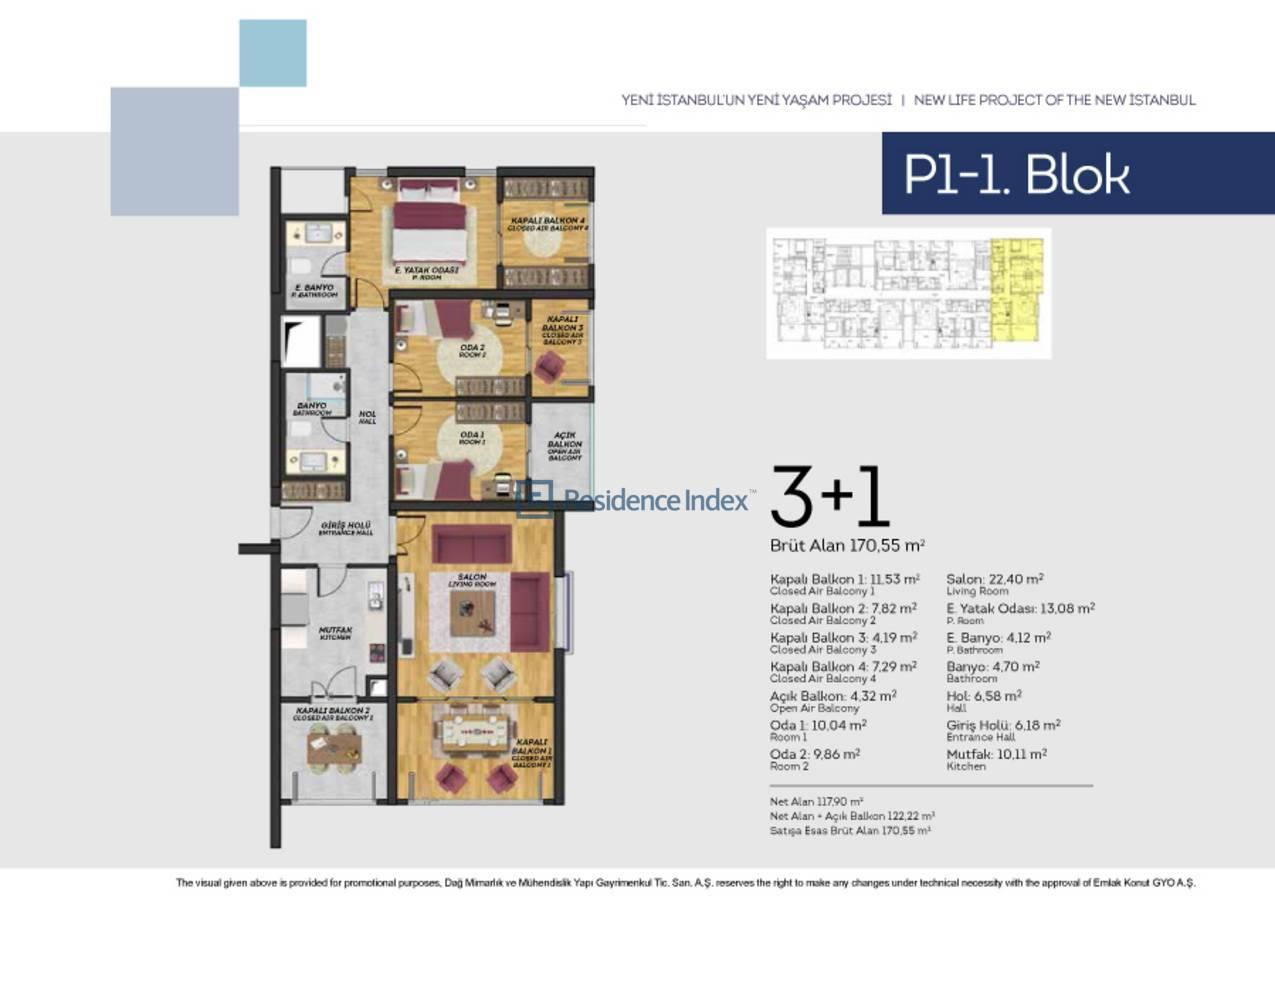 Tual Bahçekent P1-1 Blok